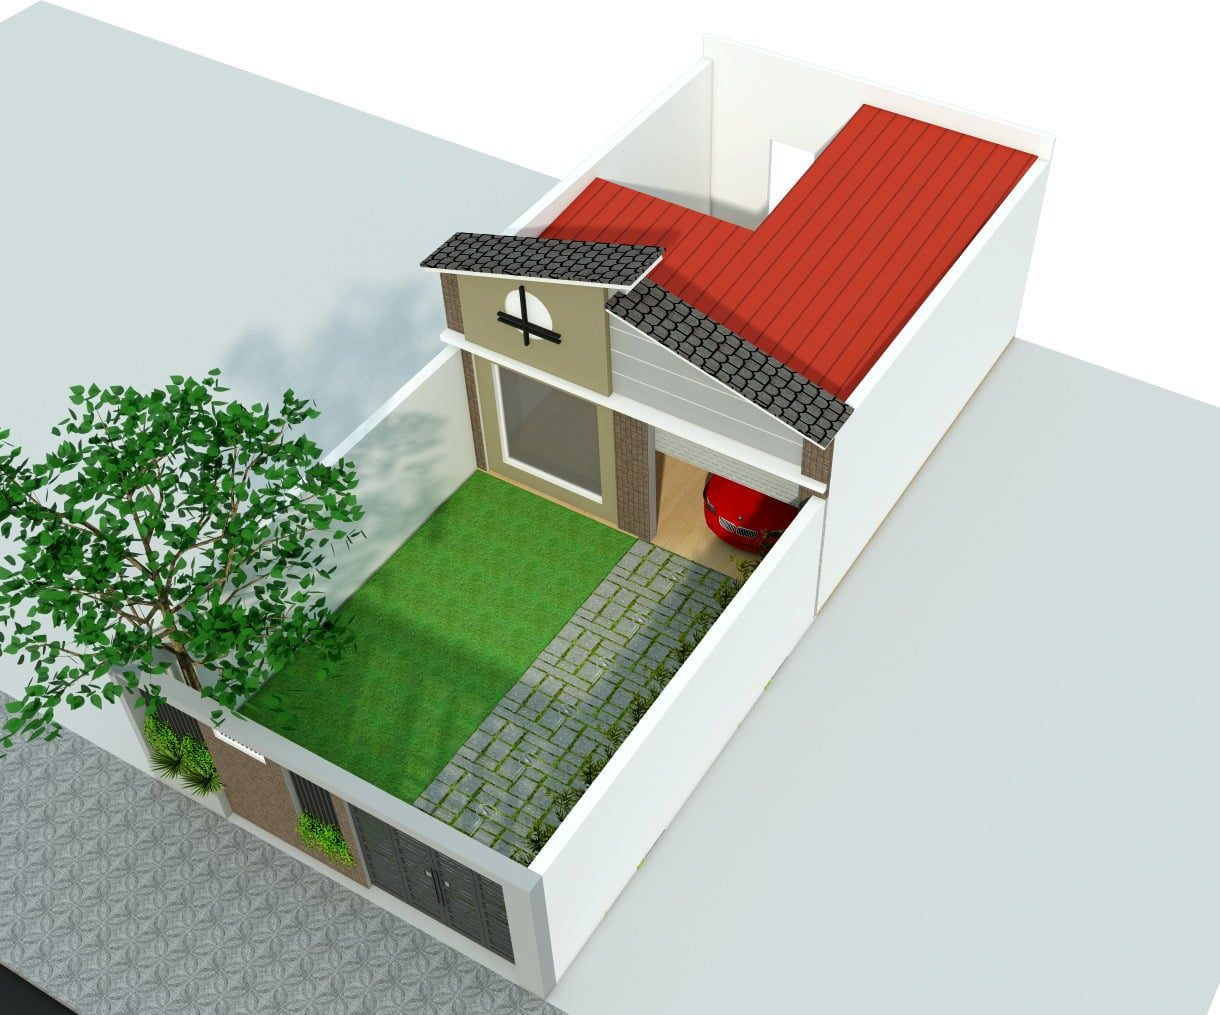 Thiết kế nhà phố sân vườn anh Hiếu tại Tam Hiệp - Biên Hòa - Đồng Nai